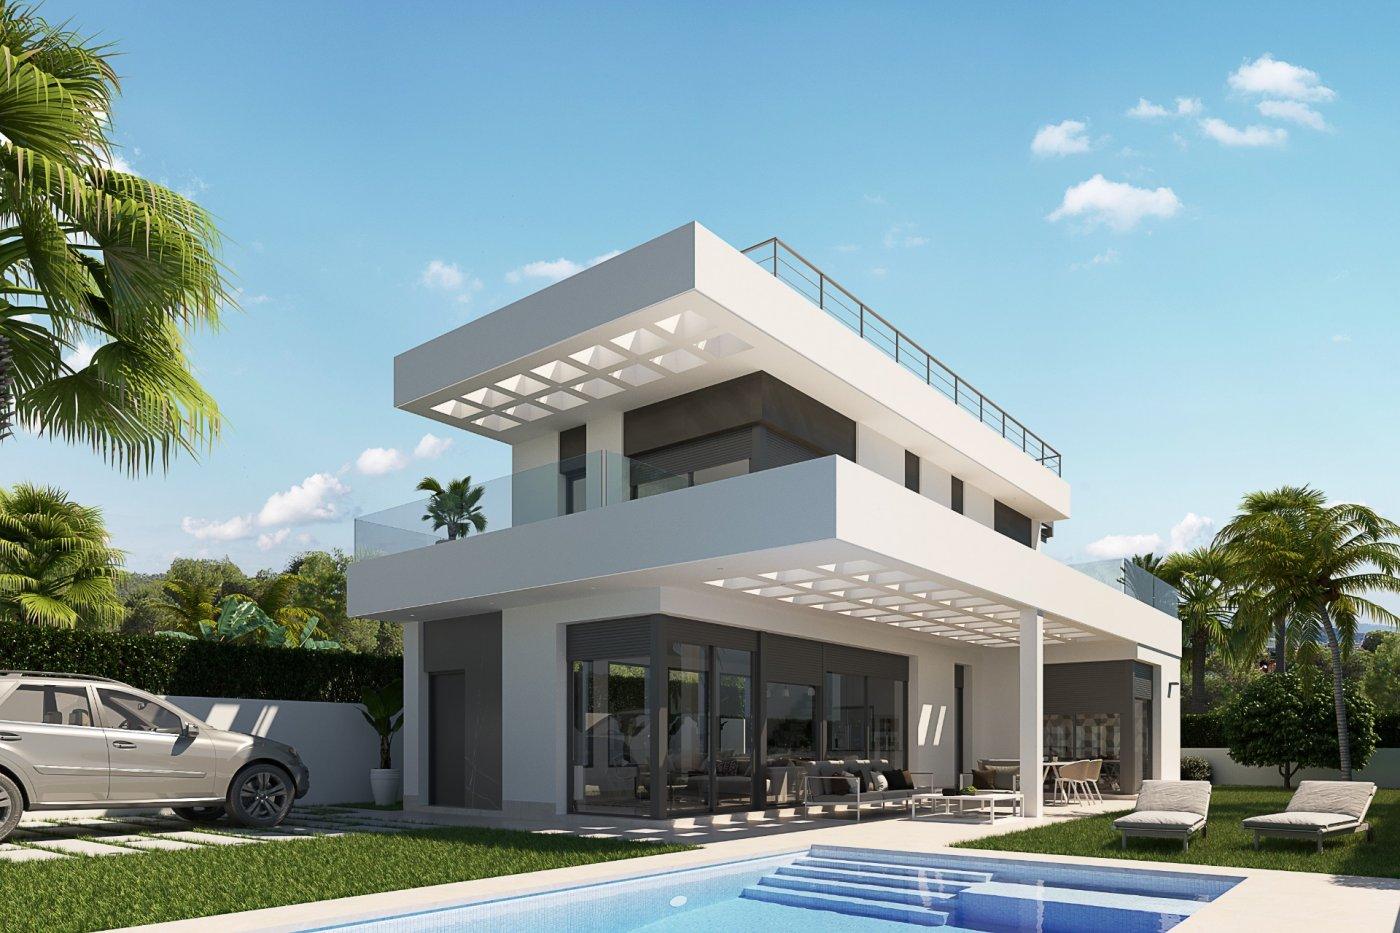 Villas modernas en sierra cortina (finestrat) a un paso de benidorm - imagenInmueble0